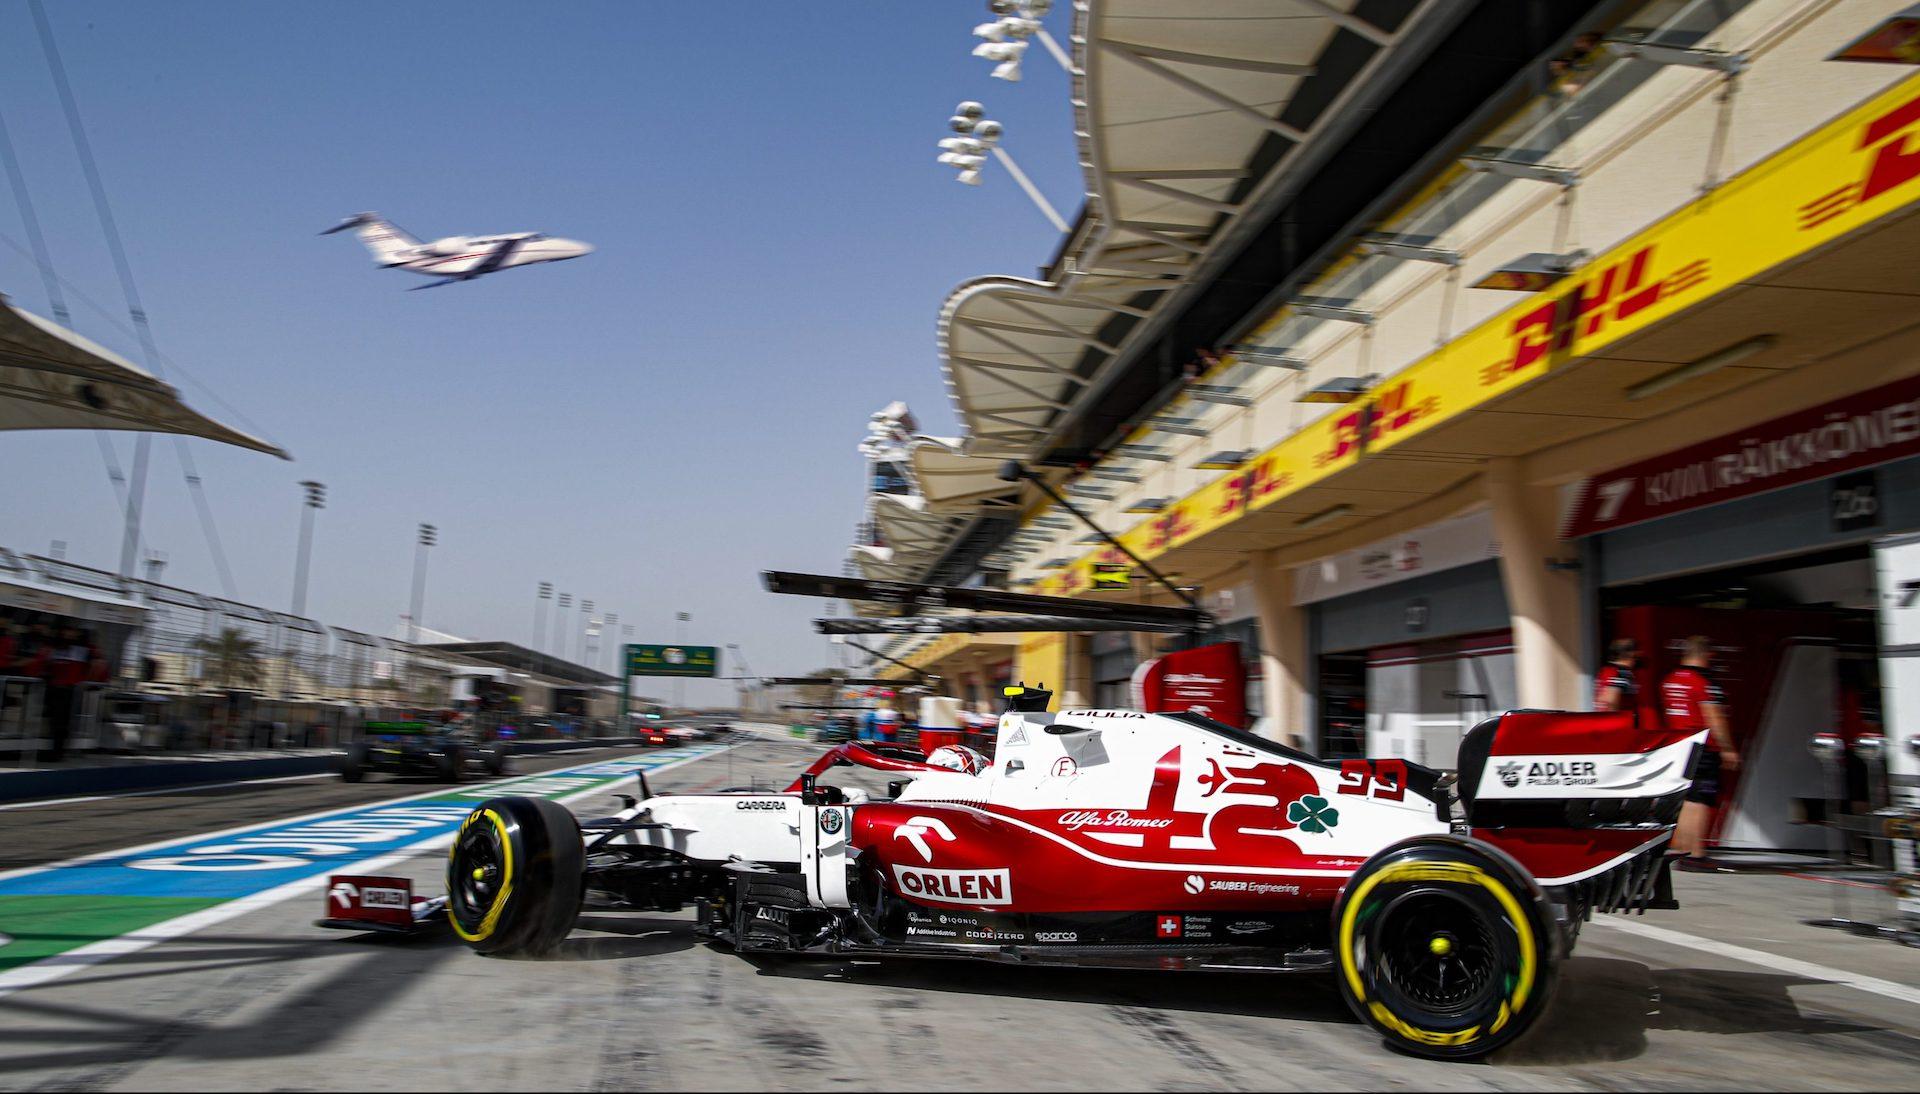 2021-Bahrain-Grand-Prix-FridayB-e1619000369953-3072x1751